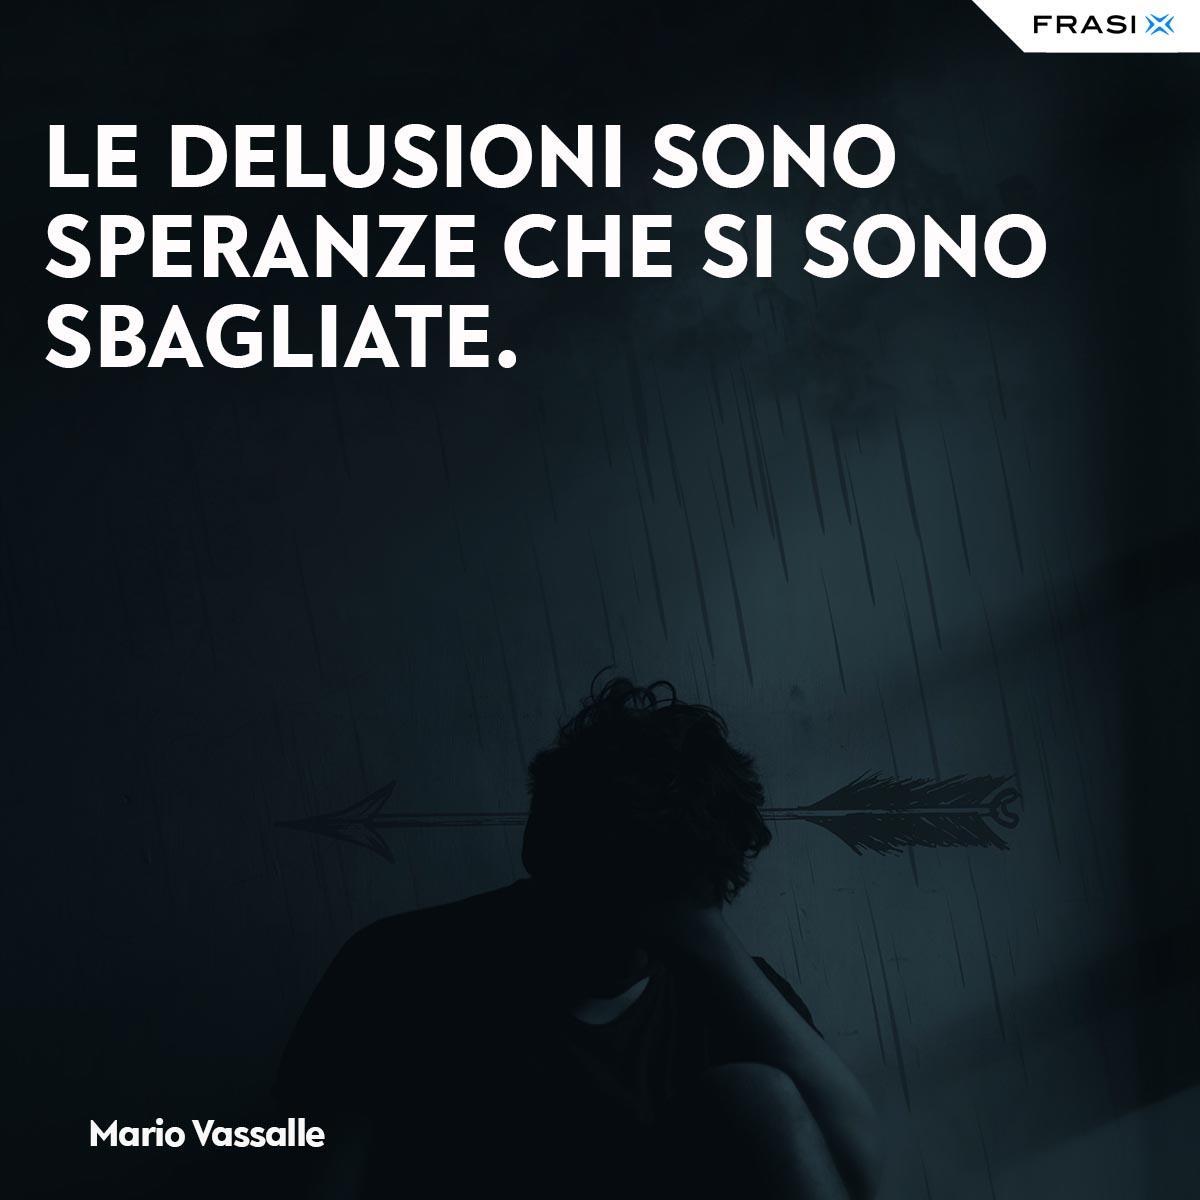 Frasi tumblr tristi Mario Vassalle